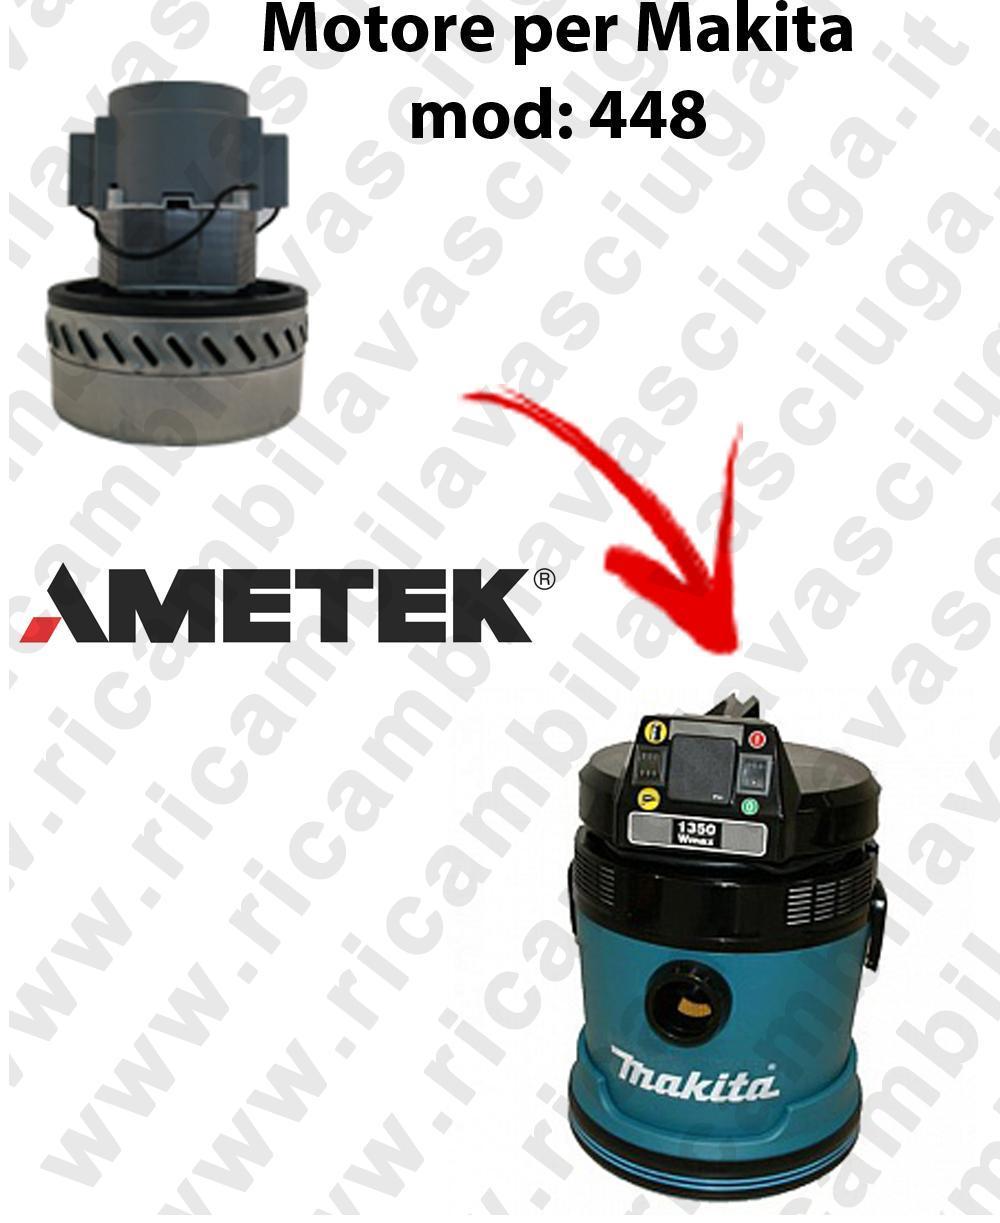 448 Motore de aspiración AMETEK  para aspiradora MAKITA